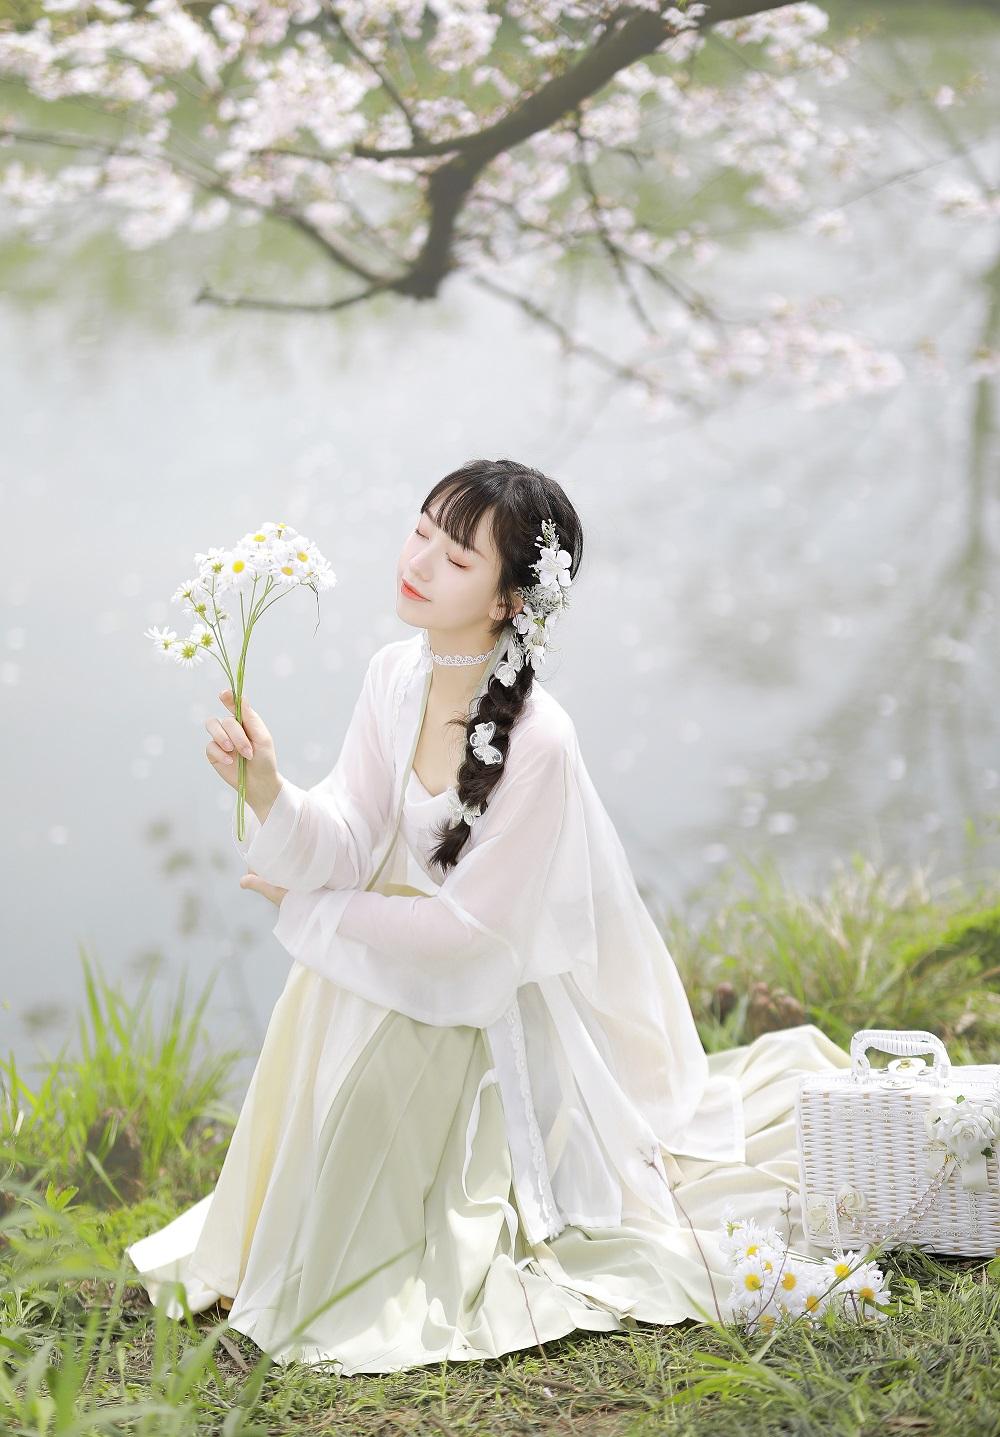 五五年原创  抹茶奶盖·豆沙红茶汉元素汉服女三件套对襟破裙夏